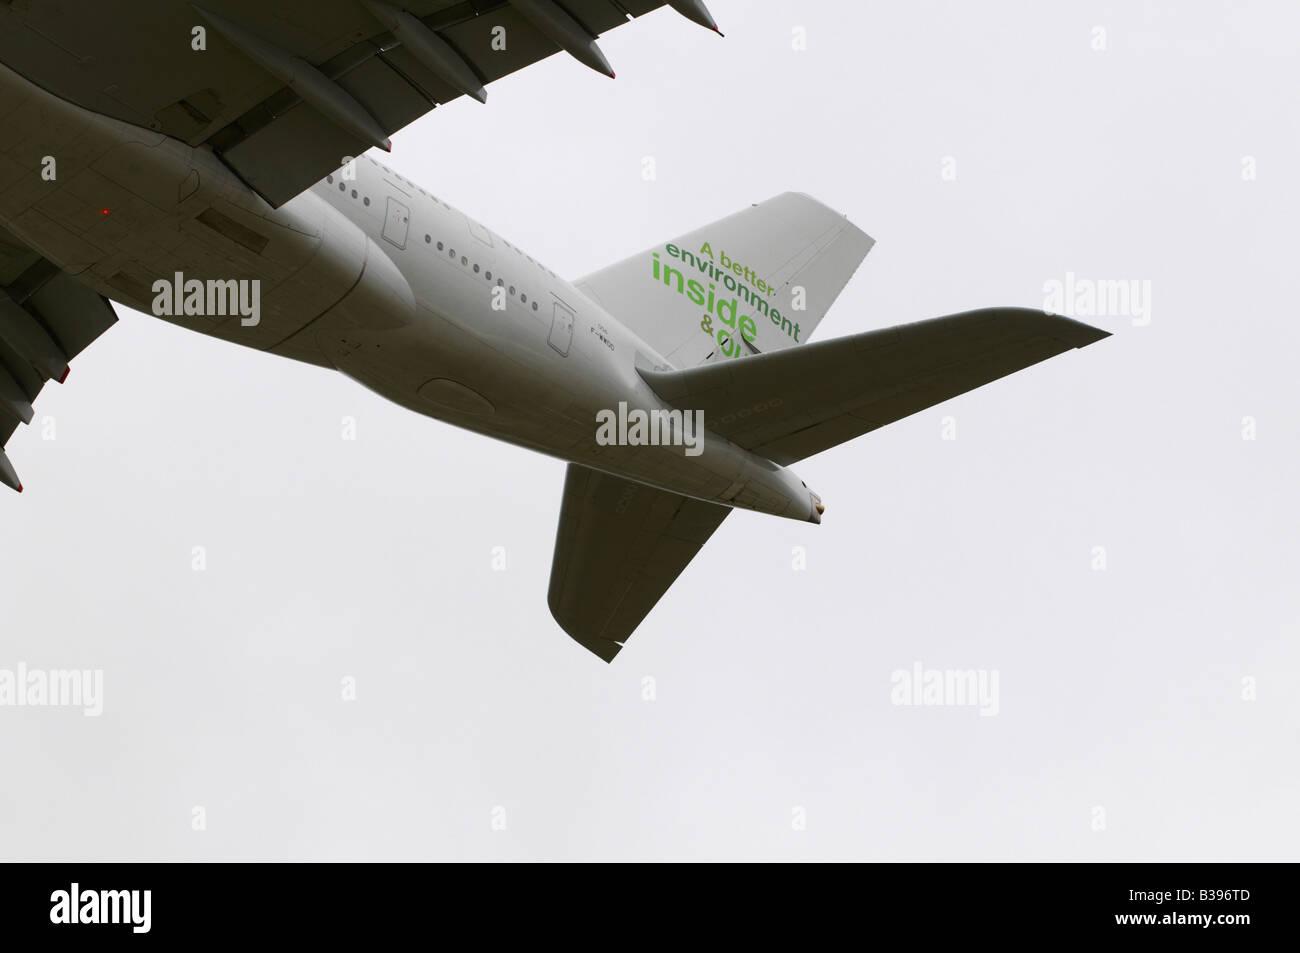 Airbus A380-842 Farnborough Air Show 2008 - Stock Image